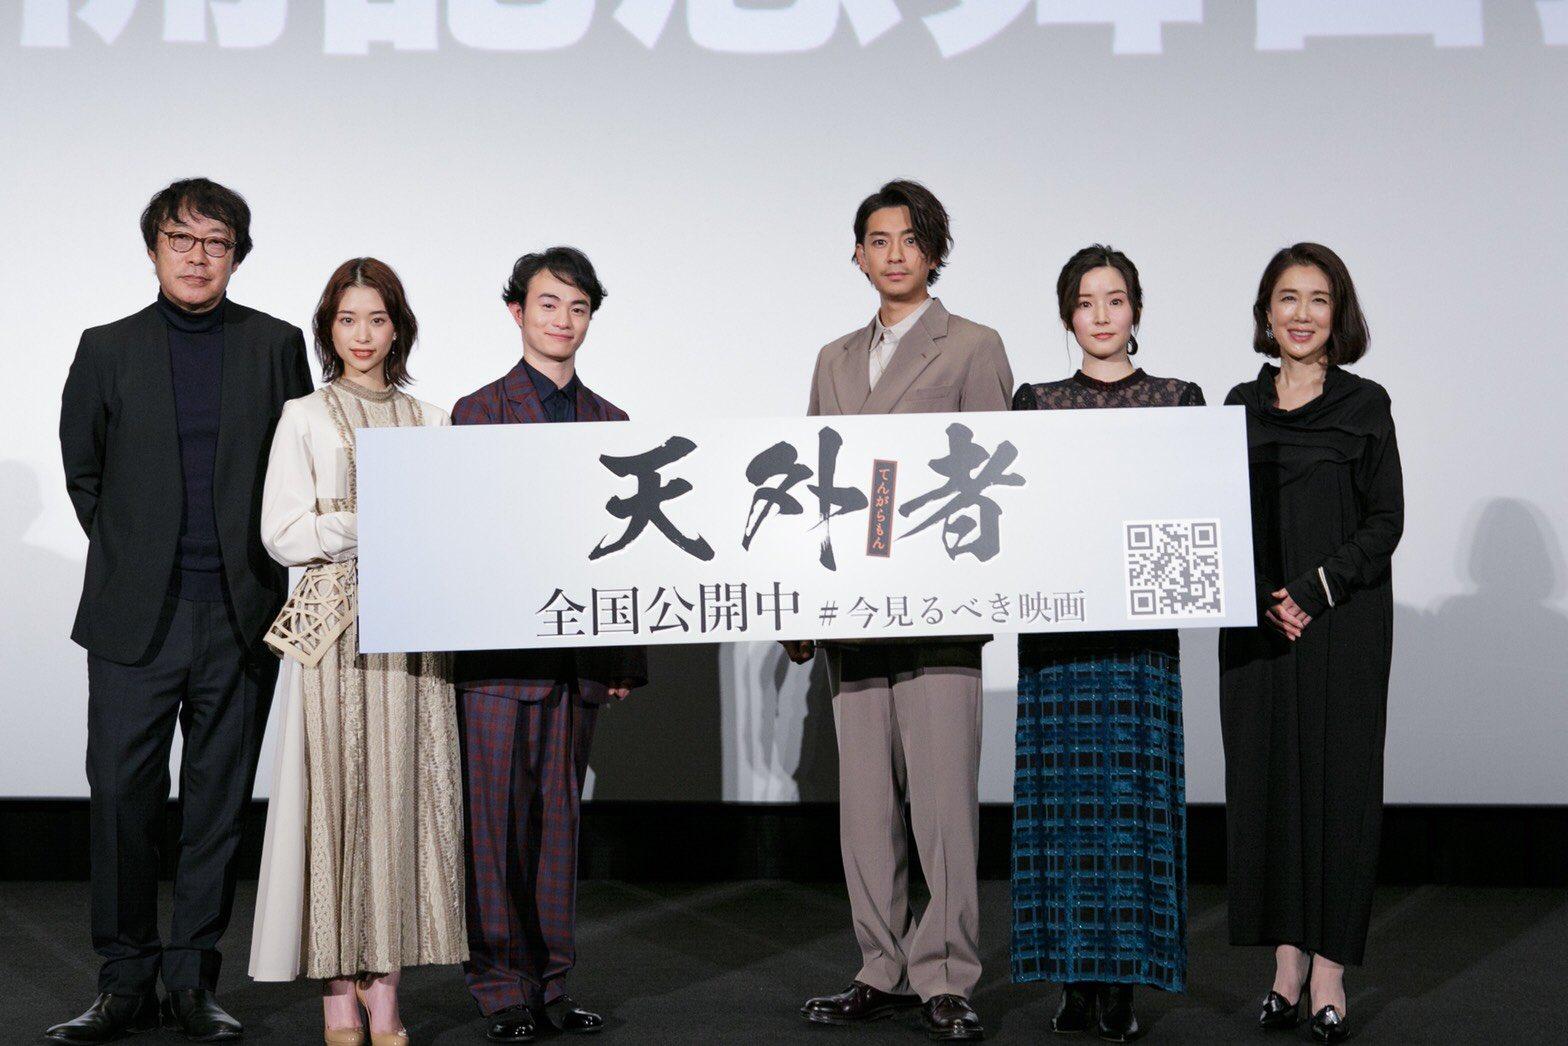 三浦春馬遺作《天外者》上映 首日票房位列第三